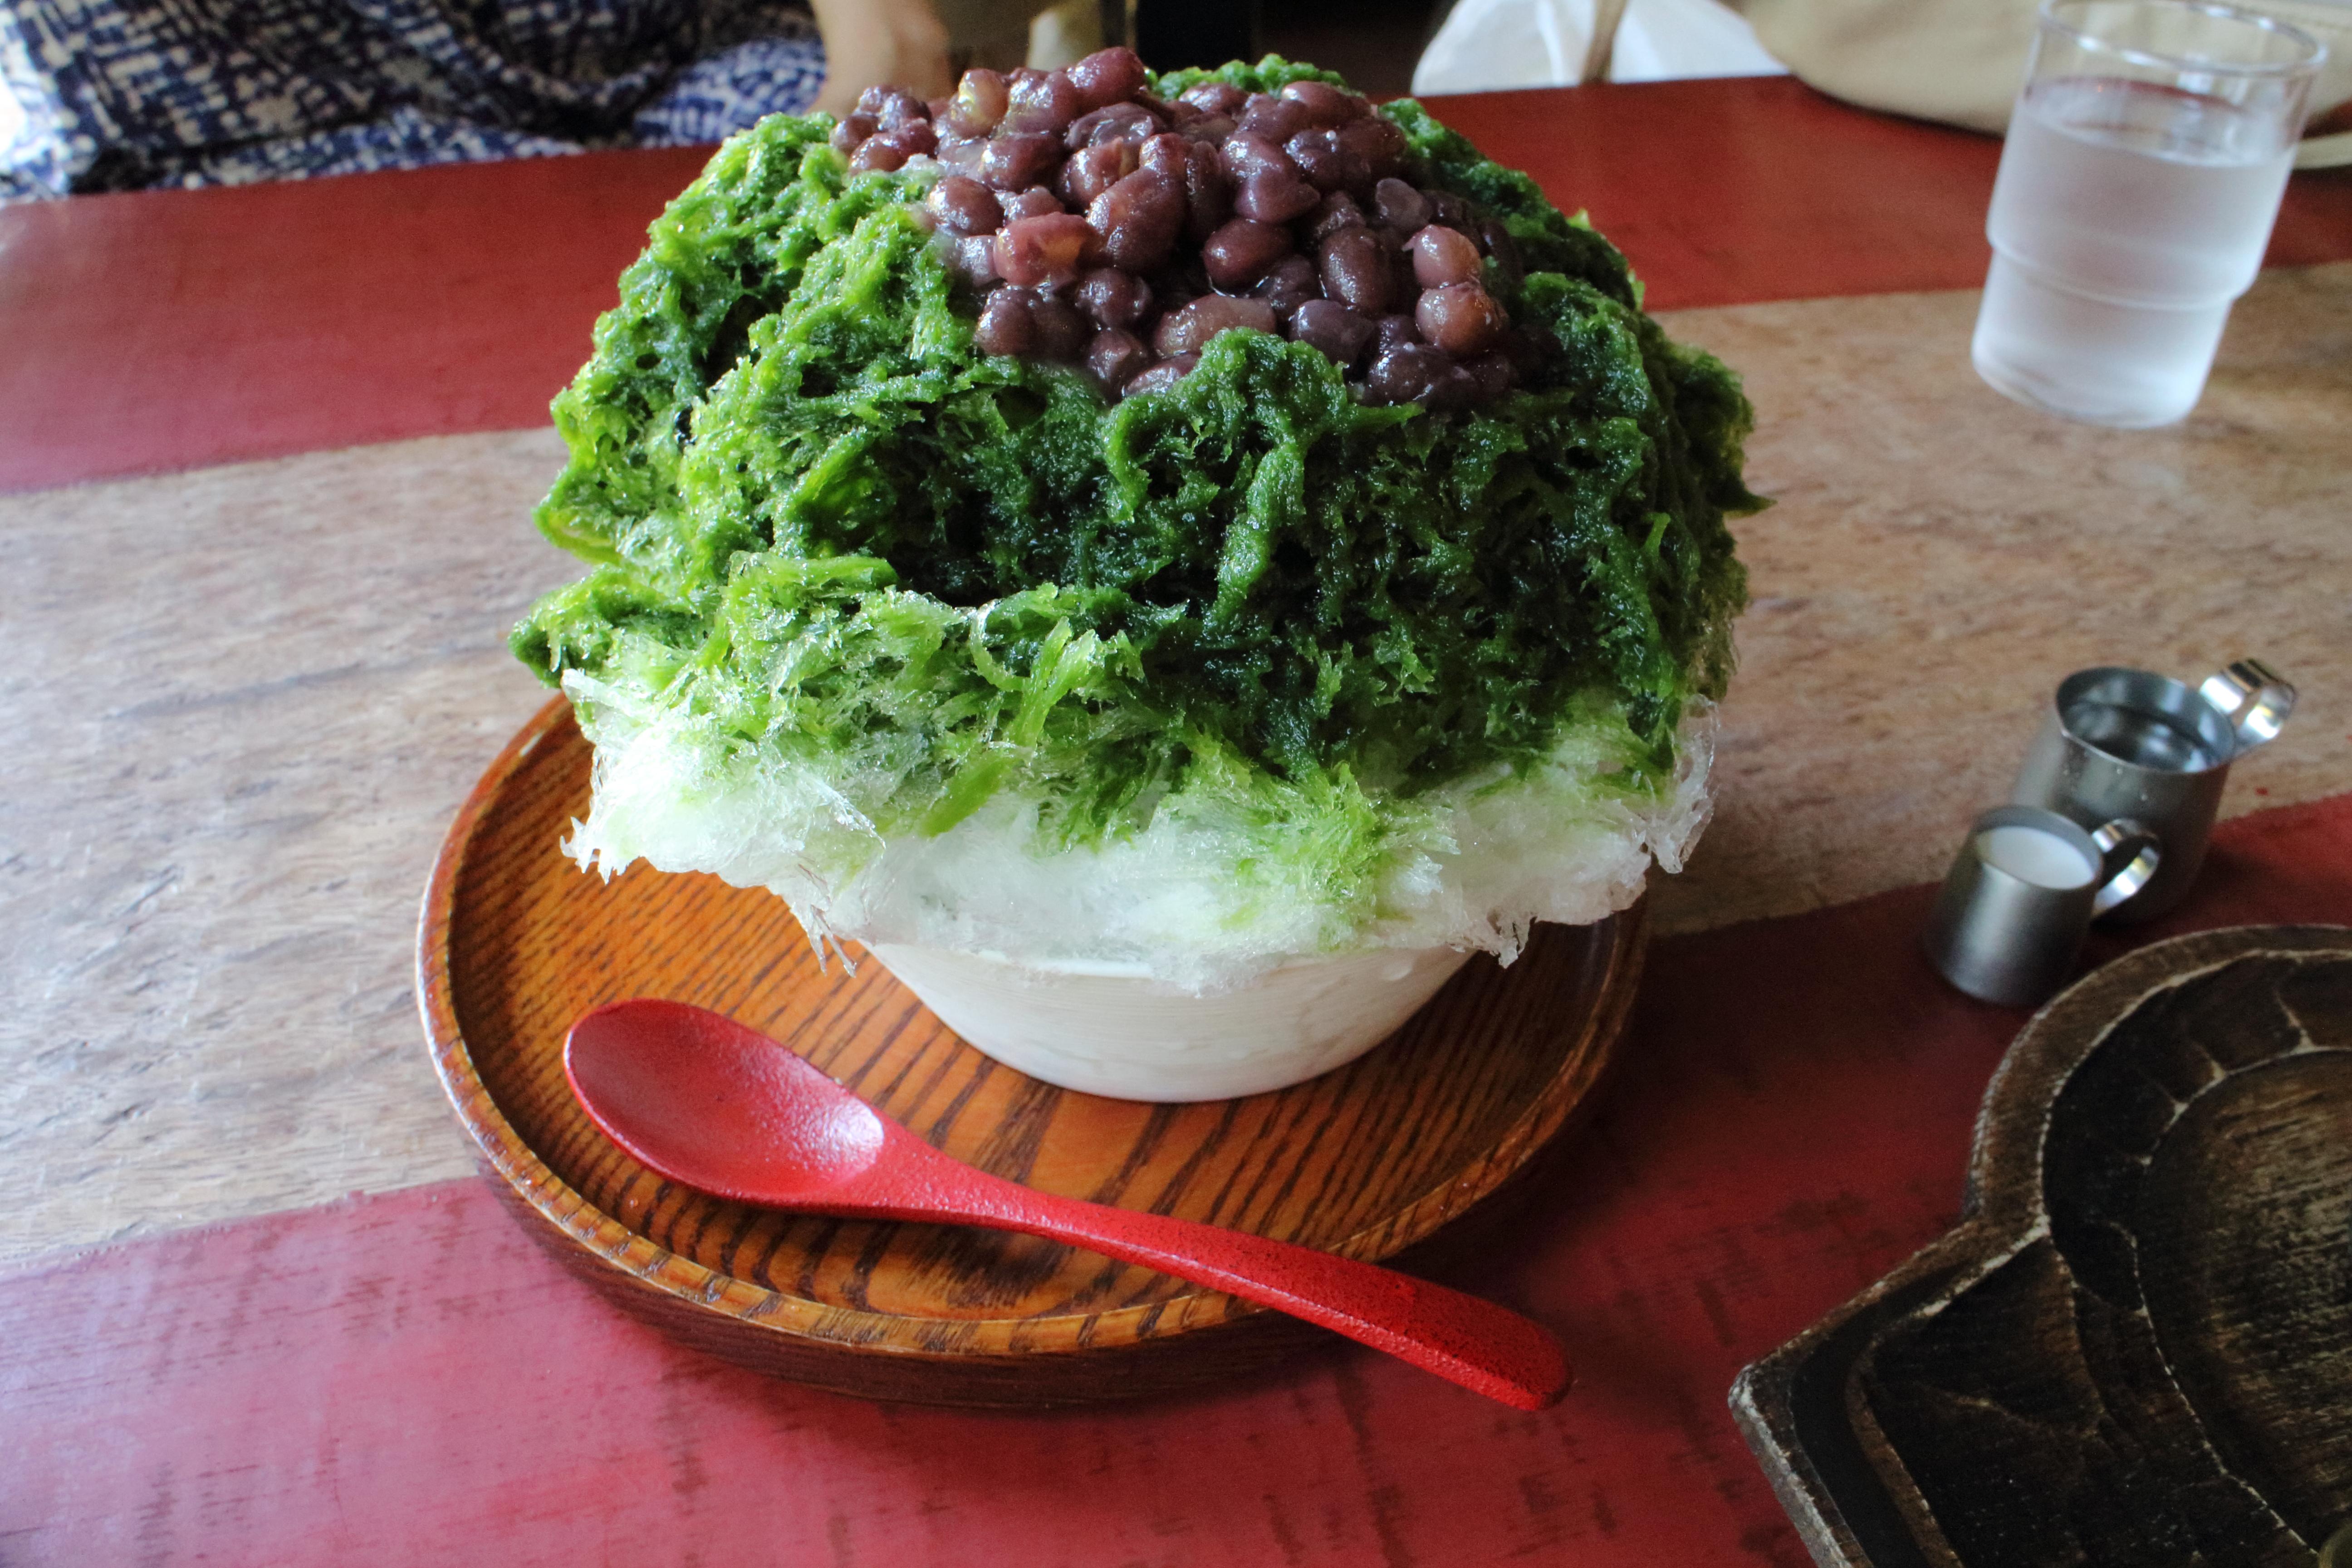 東京から日帰り☆秩父ポピーまつり&ハナビシソウ園へ!でっかいかき氷と秩父の郷土料理も食べてきたよ